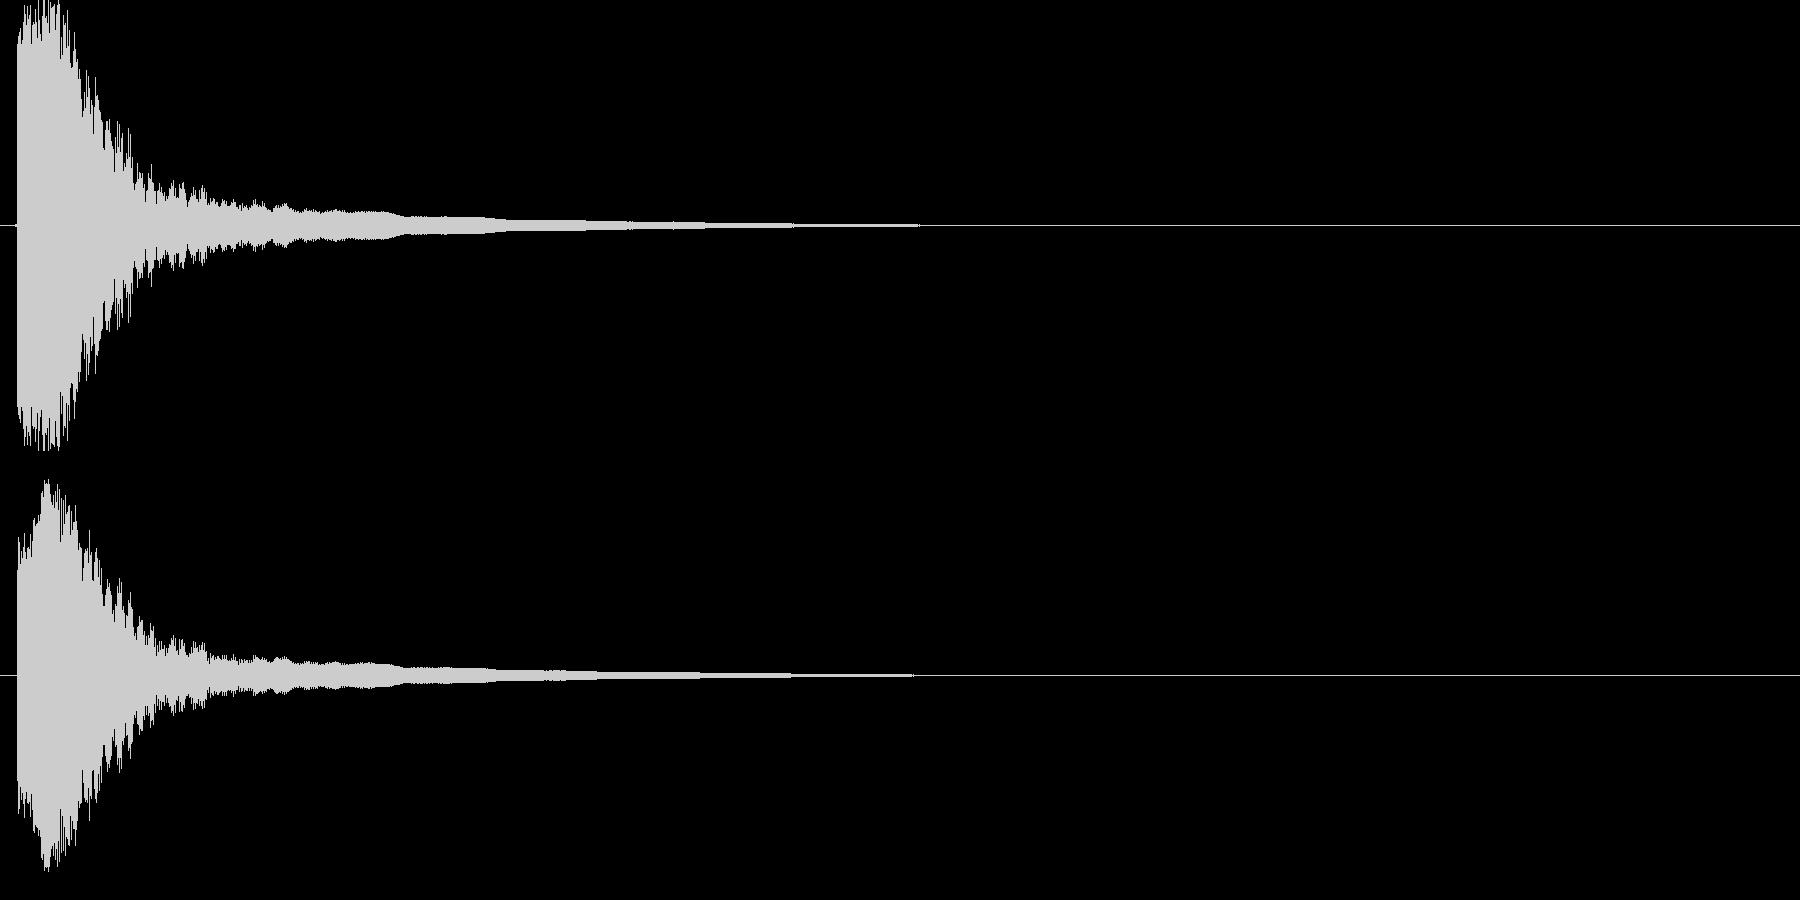 【刀剣:金属】ヒット・軽く3の未再生の波形